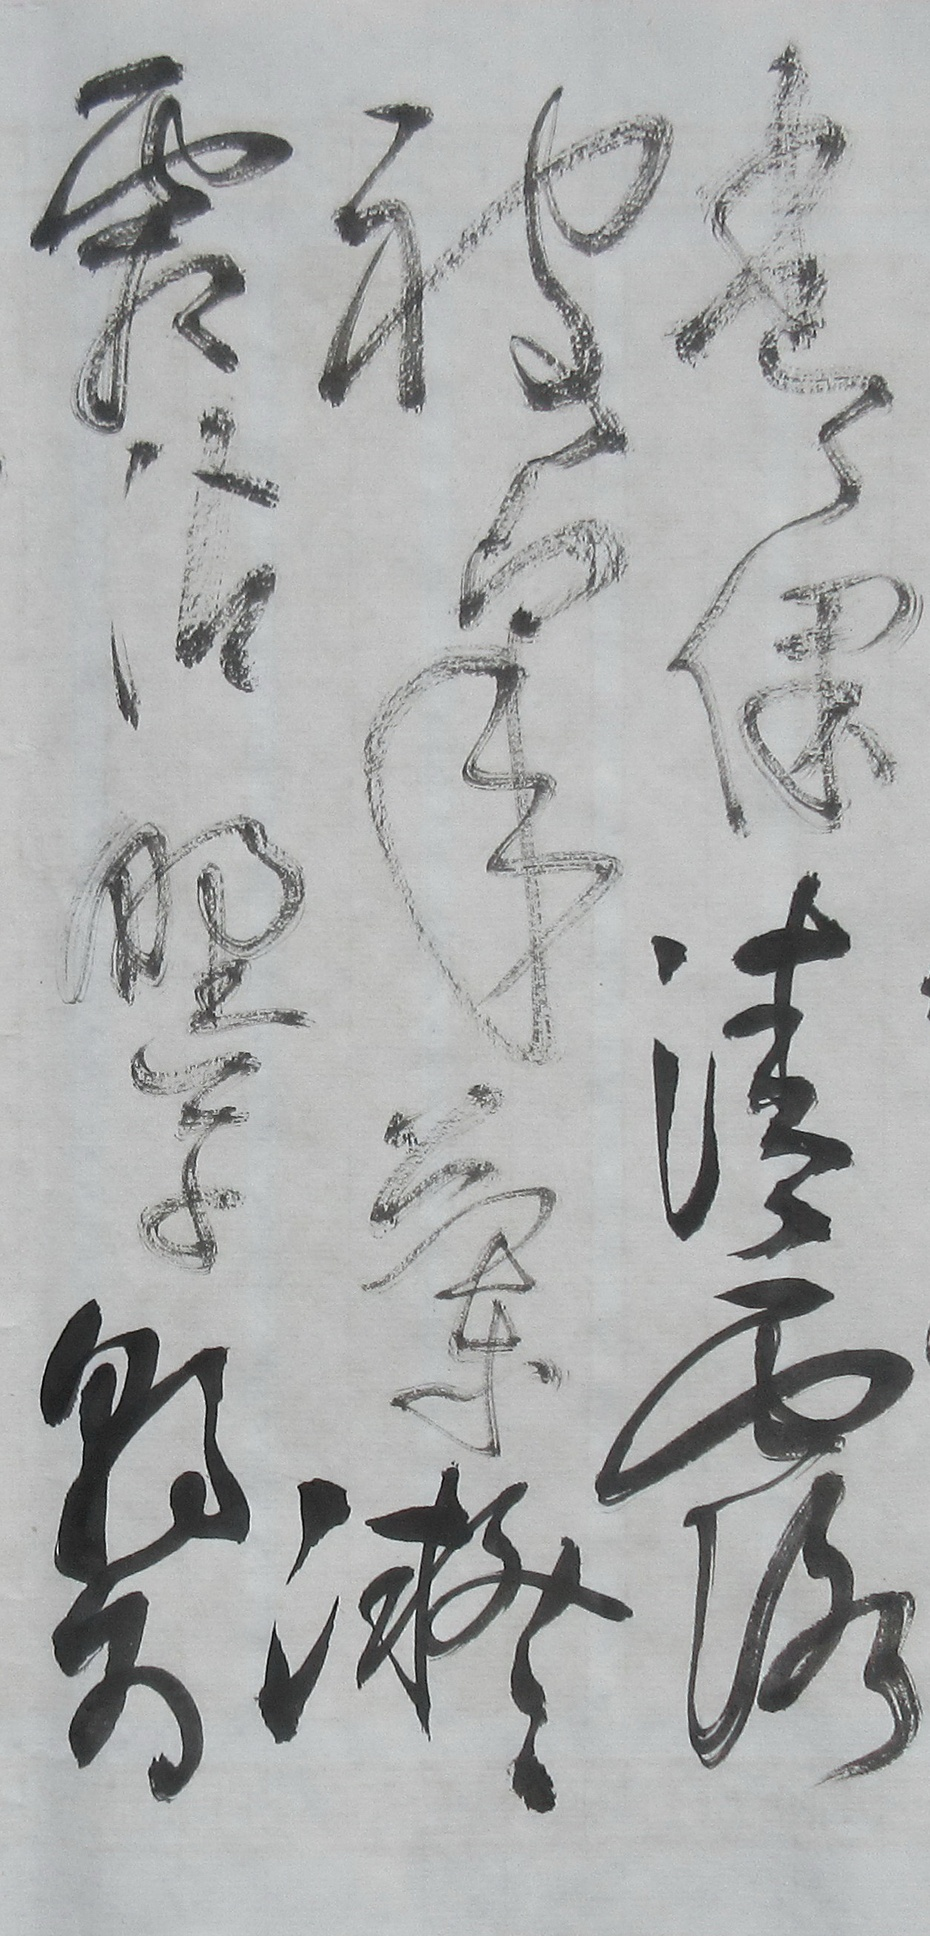 鈔阮籍詠懷詩 - shou zhu yan  - Shouzhu an的網易博客